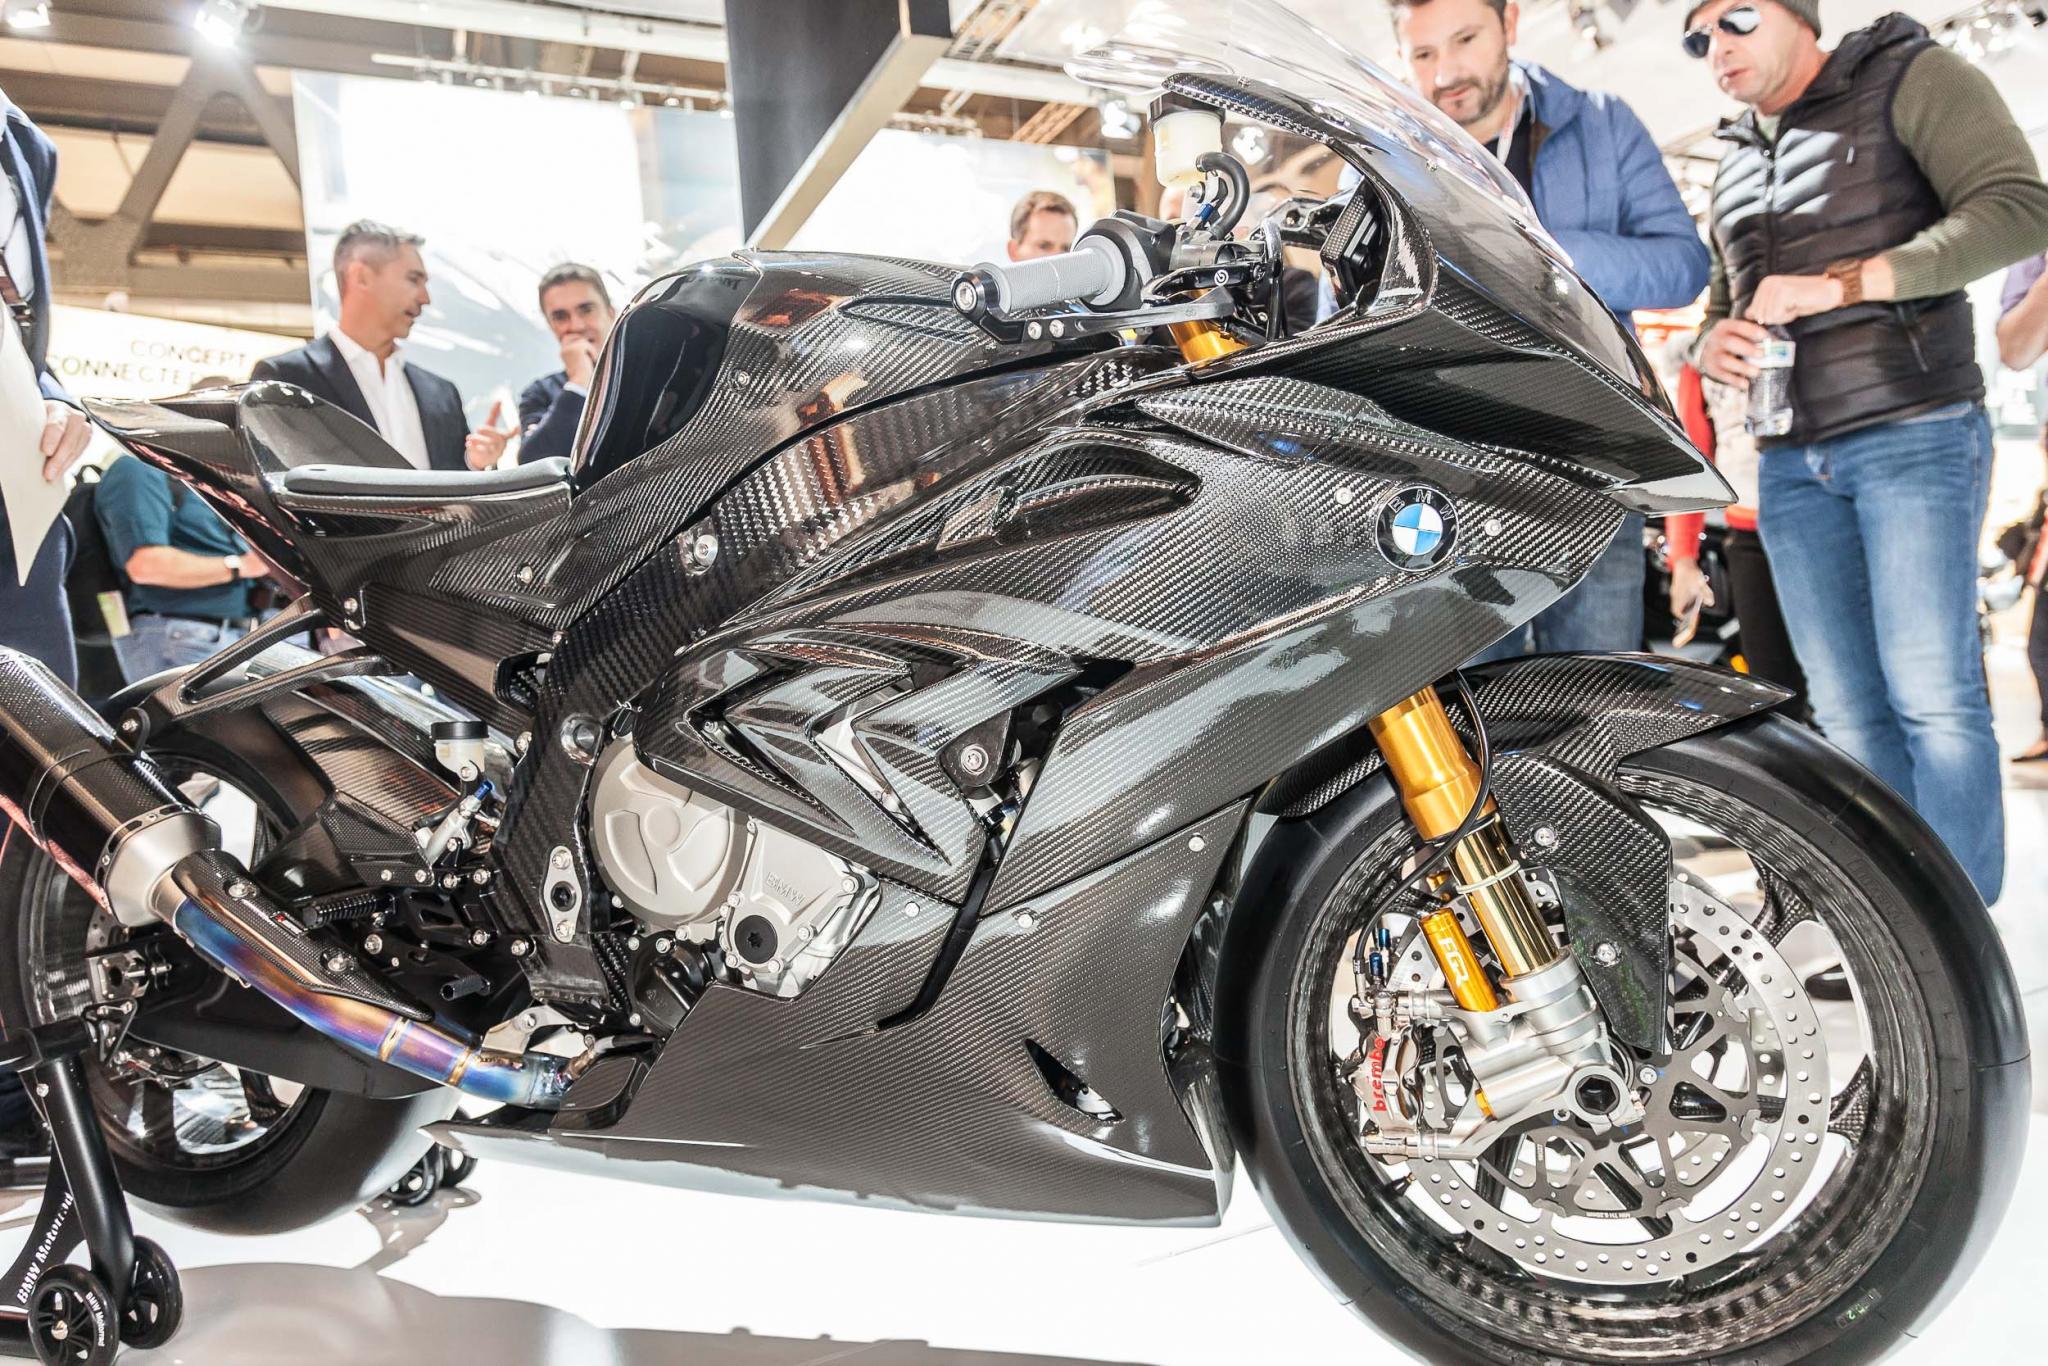 Bmw S1000rr Hp4 Carbon Race